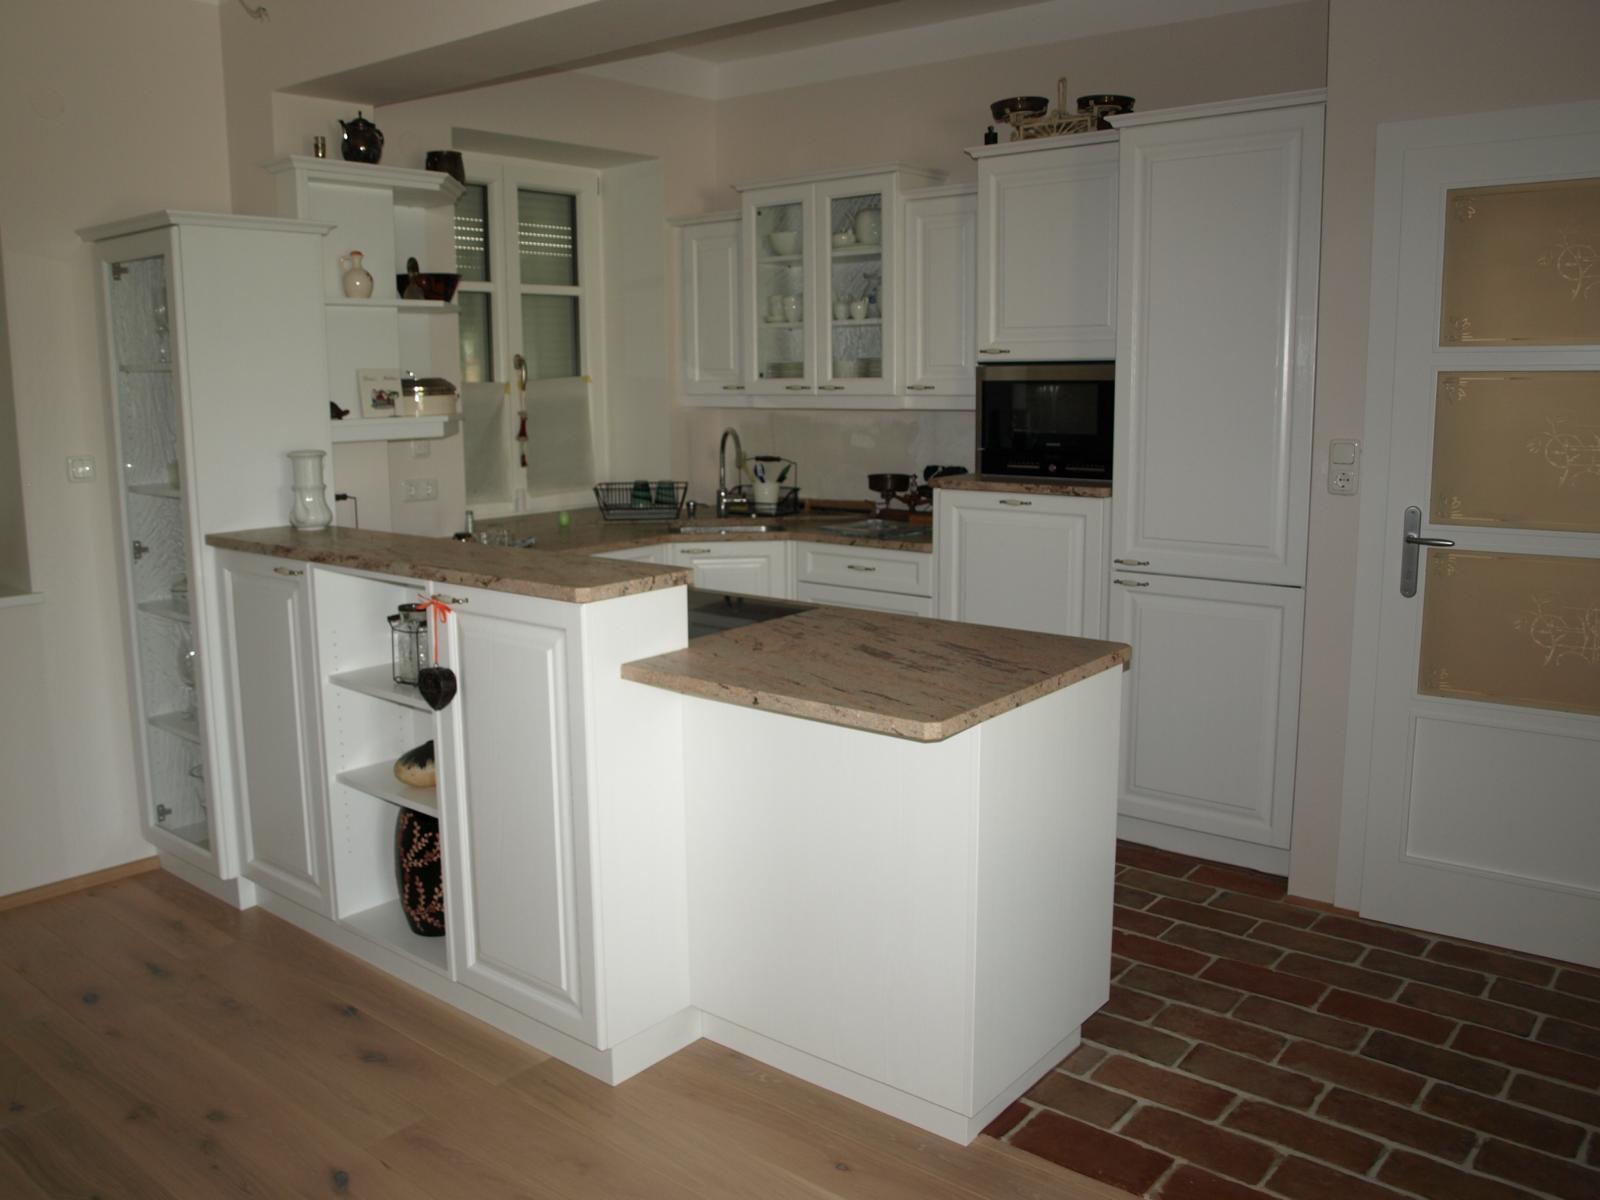 tagebuch der tischlerei slawitscheck juli 2012. Black Bedroom Furniture Sets. Home Design Ideas